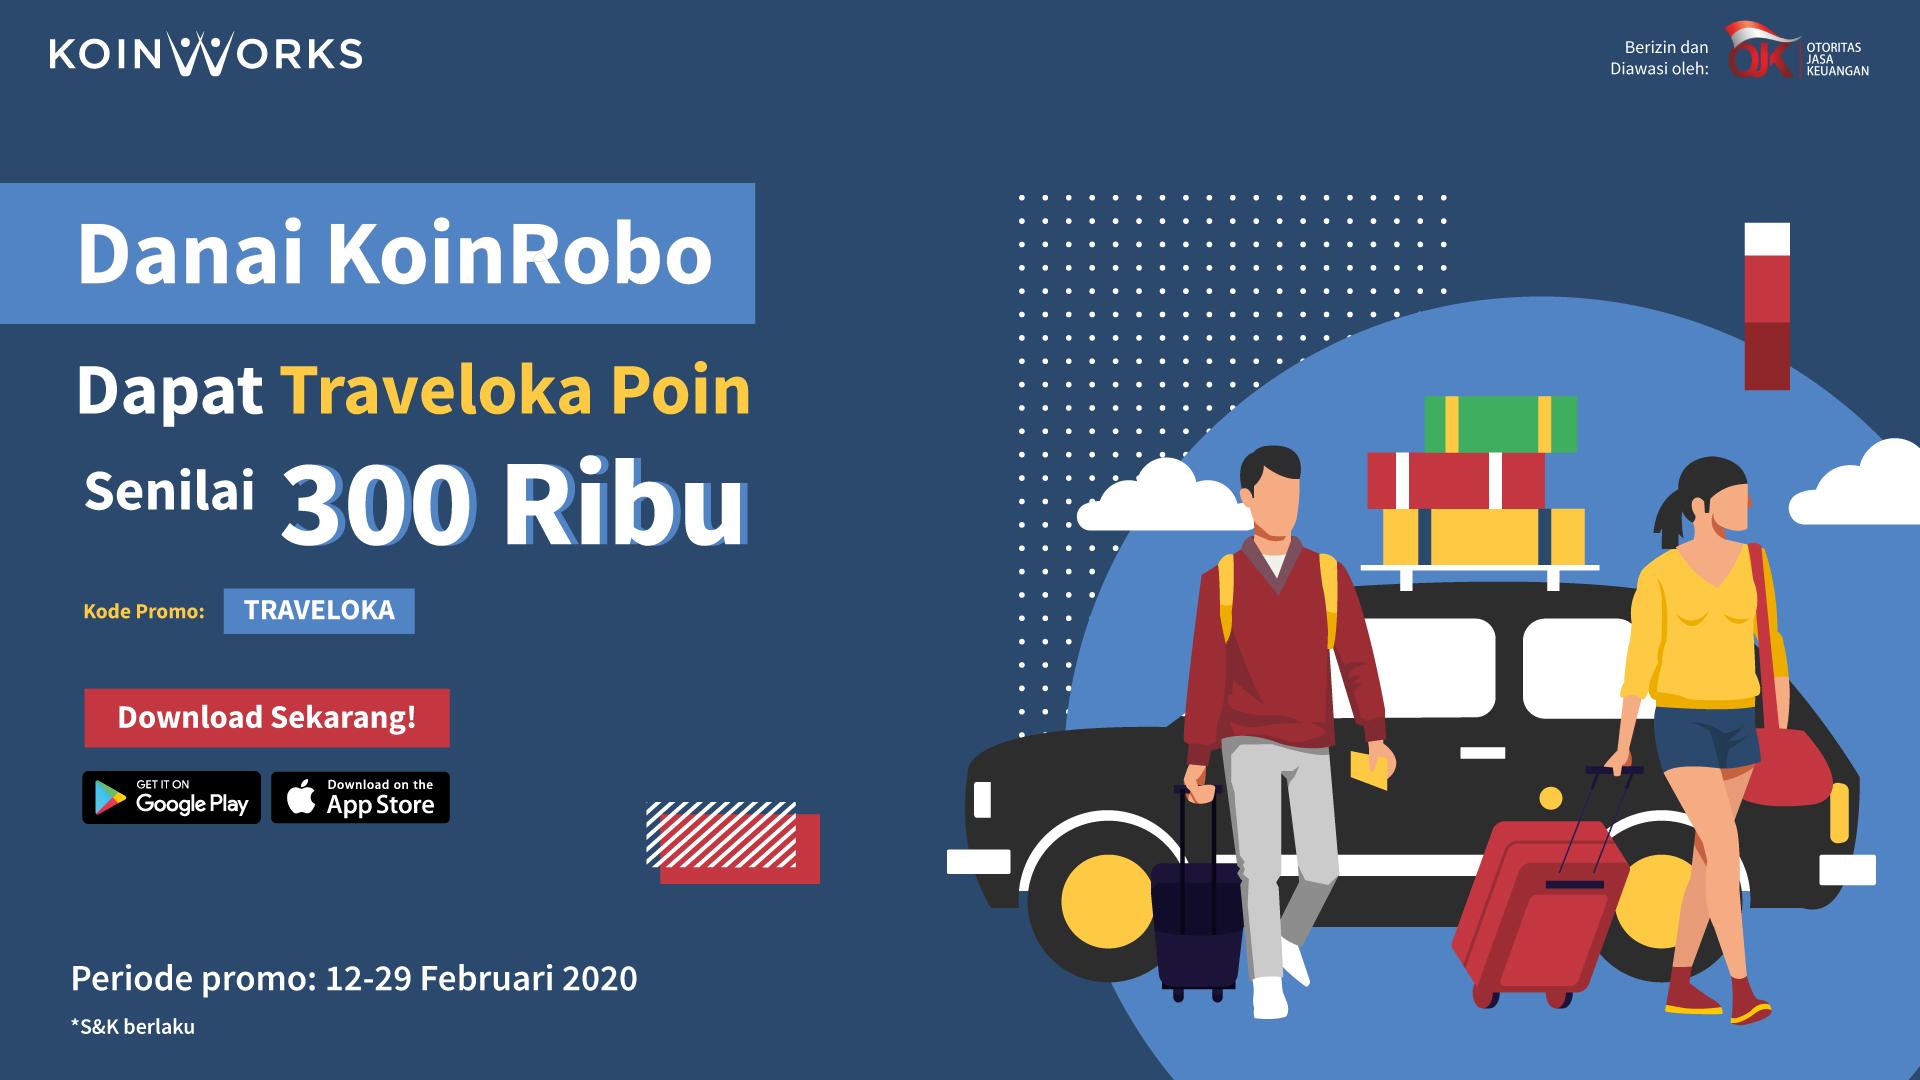 021320-KoinRobo-Traveloka_16x9-Menghindari Musim Liburan-resolusi tahun baru featured-download-kalender-2020